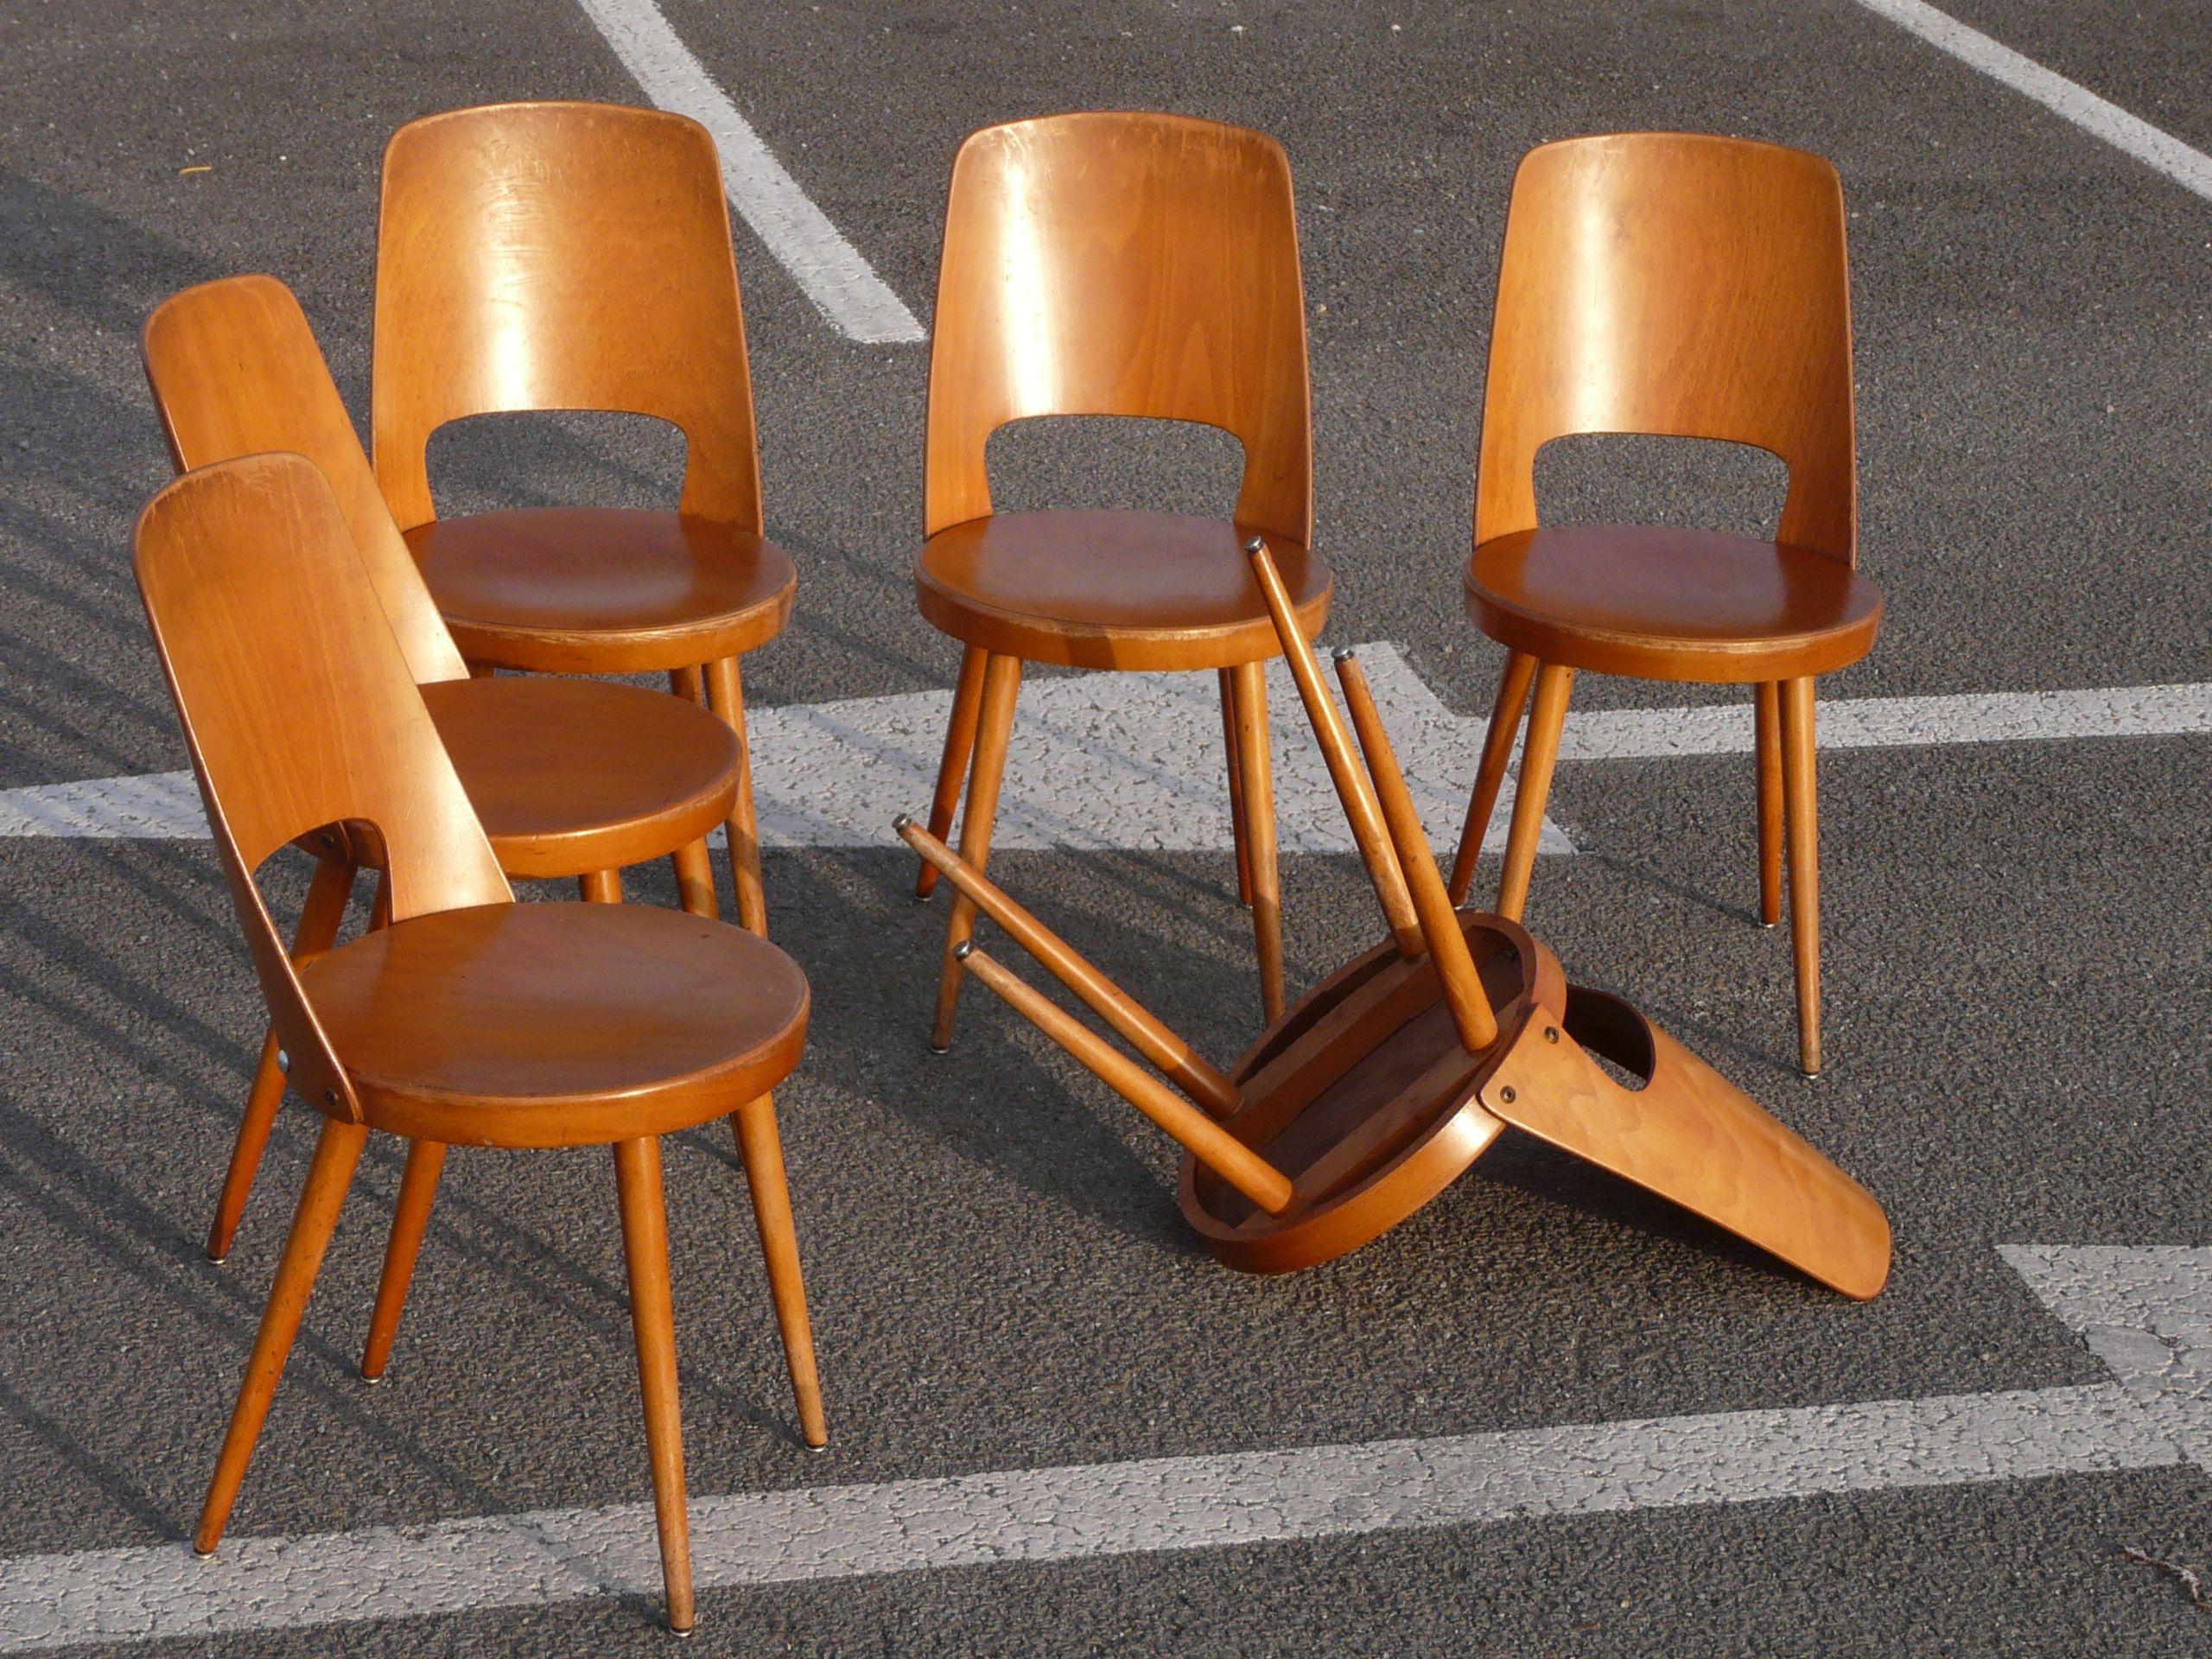 1000 images about chair chaises fauteuils on pinterest armchairs eames and pierre jeanneret - Chaise De Cuisine Retro